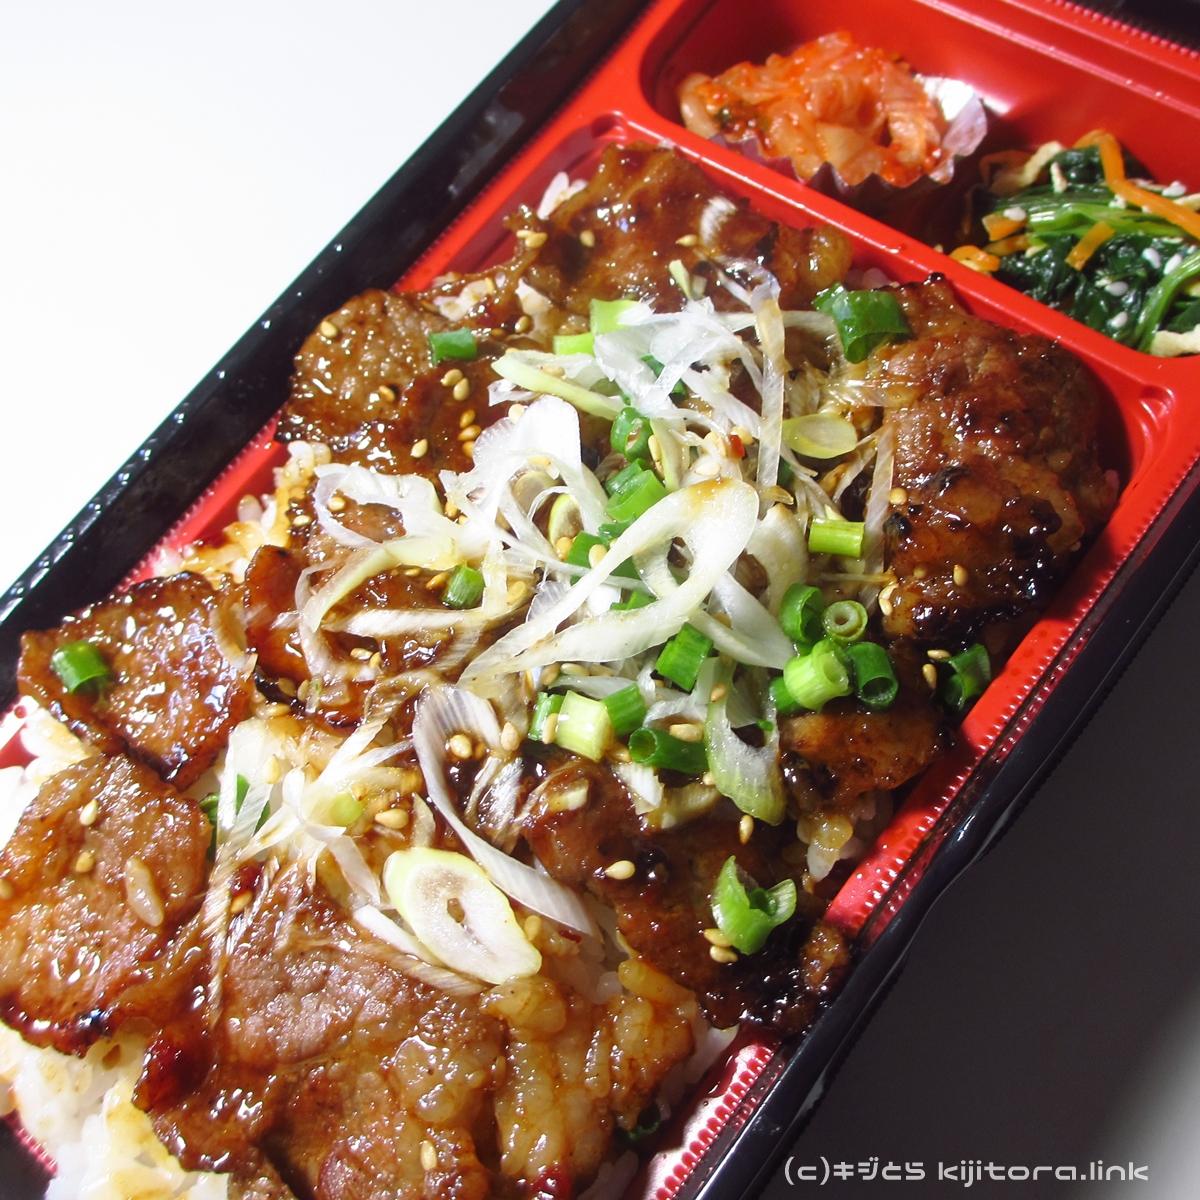 漬け焼き牛カルビ牛2016(6)